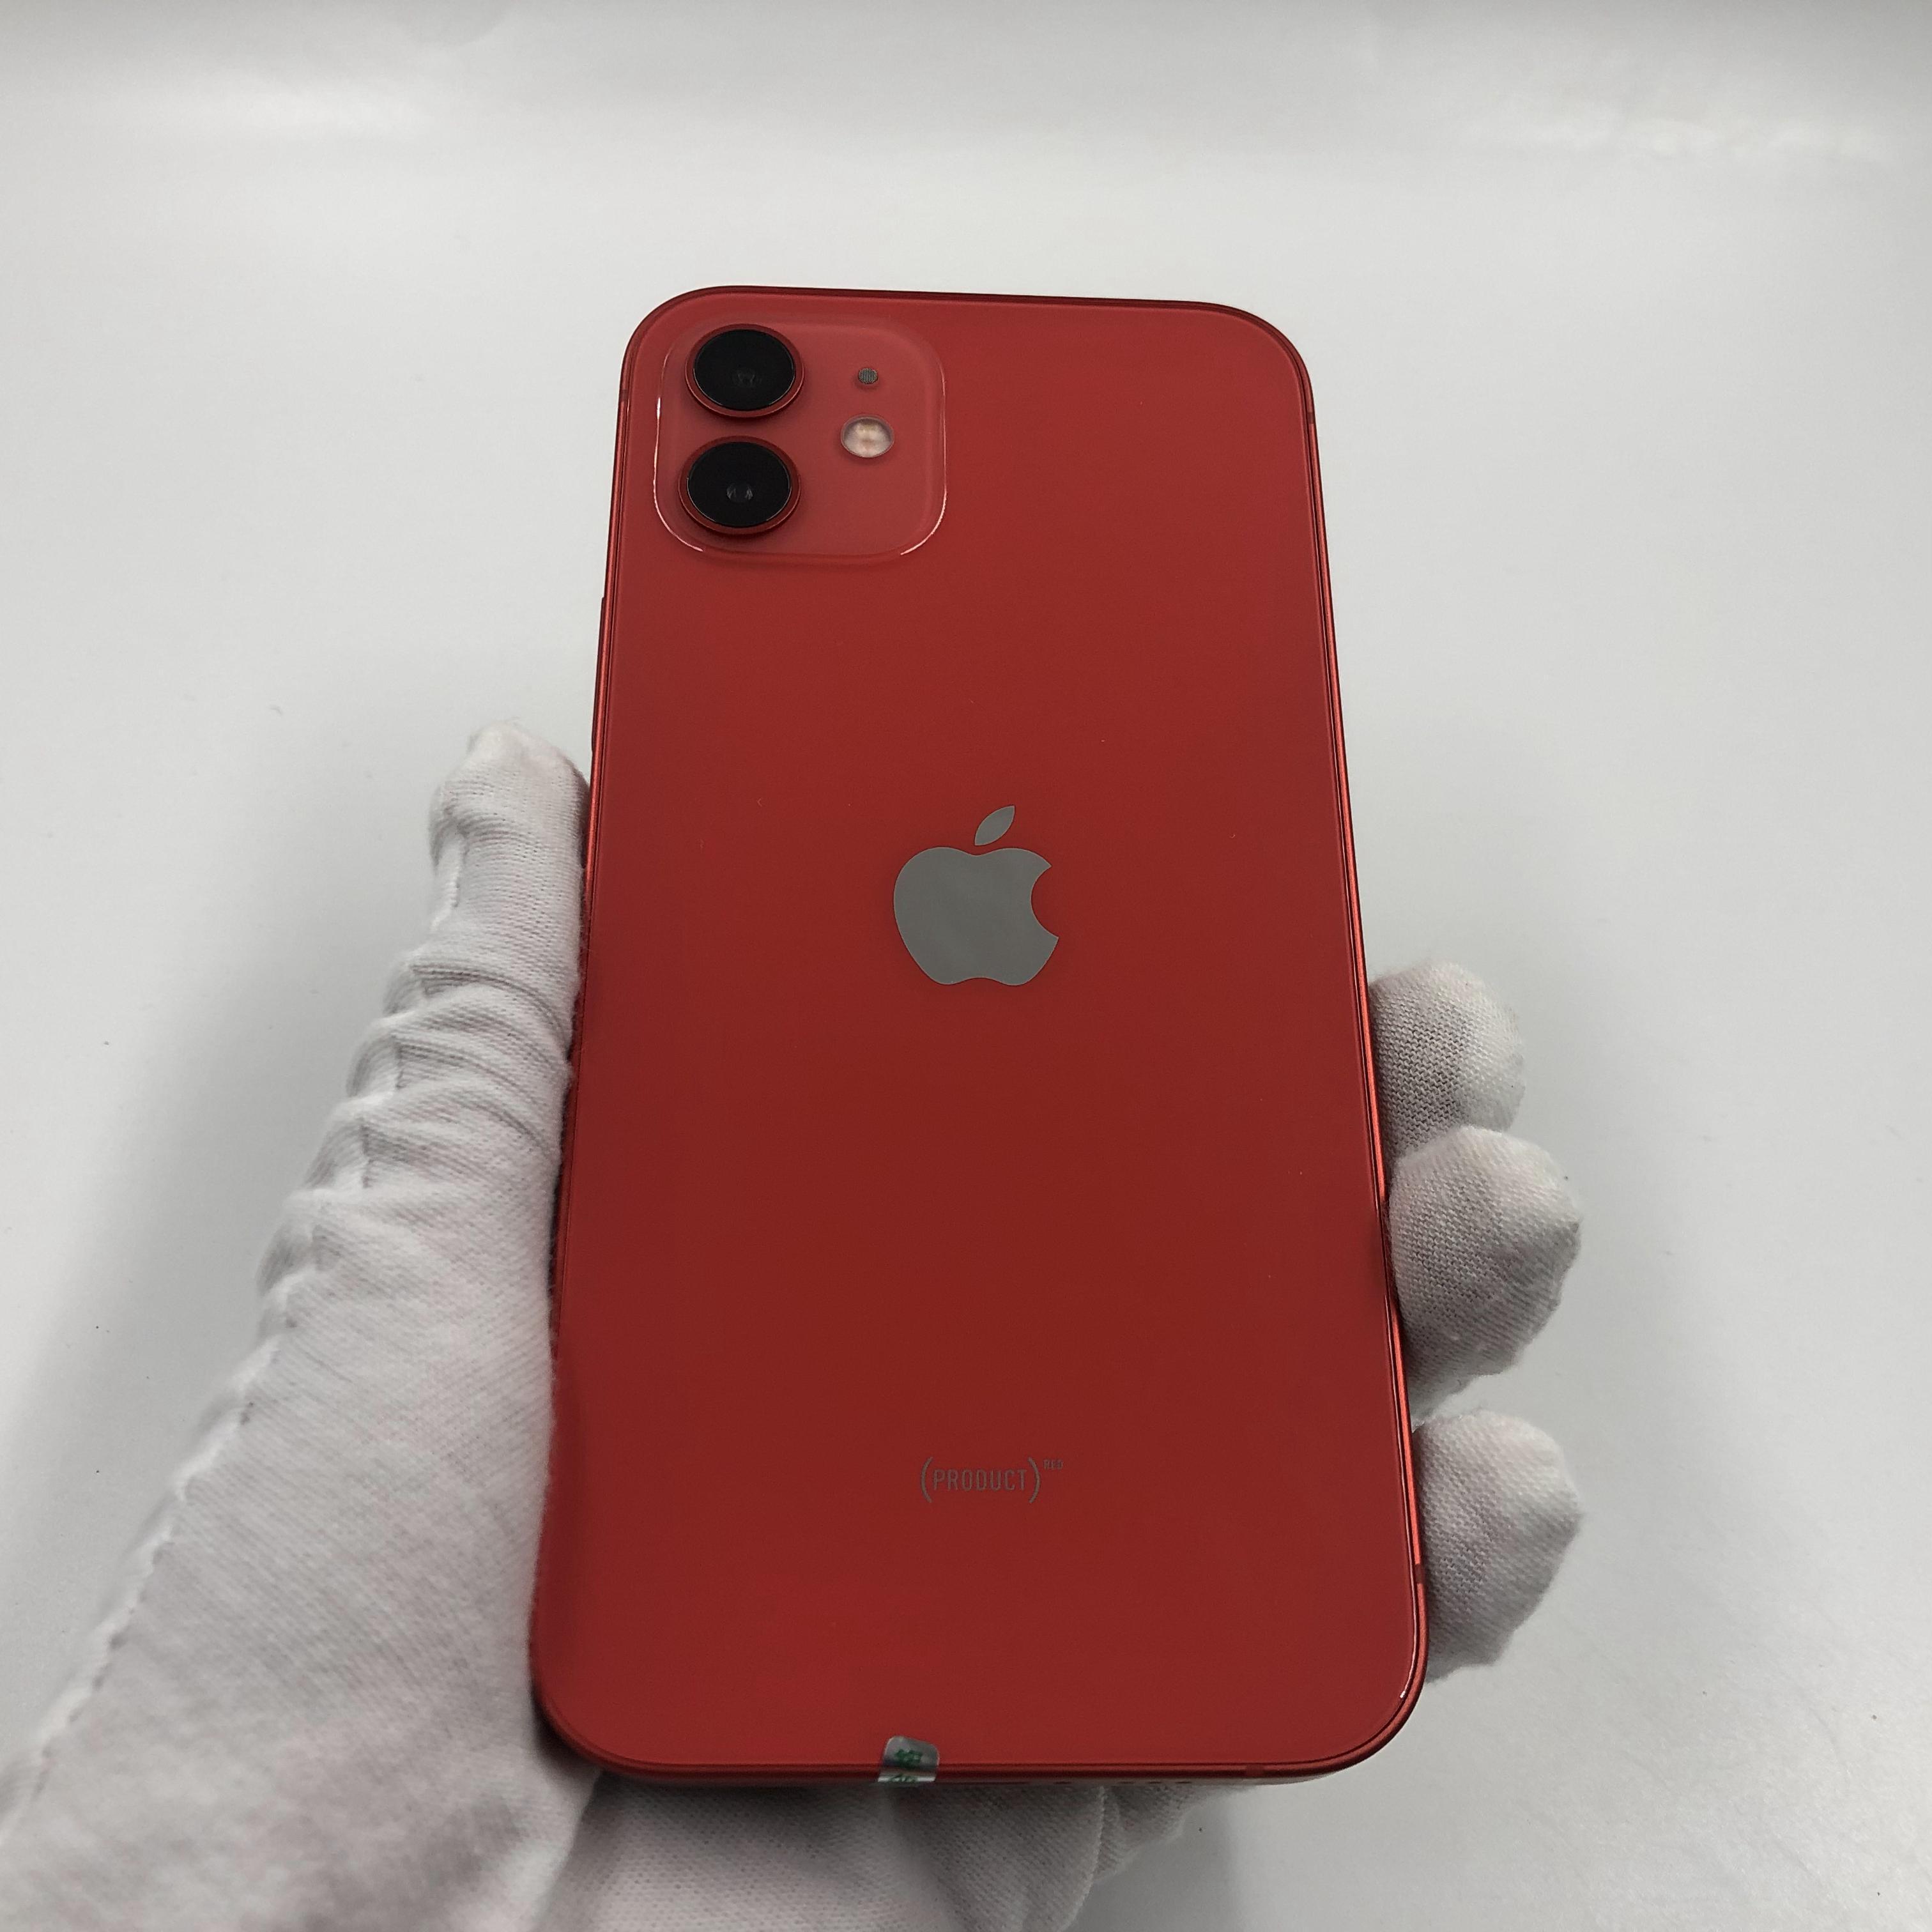 苹果【iPhone 12】5G全网通 红色 128G 国行 99新 真机实拍钢化膜+透明壳保修2022-07-08